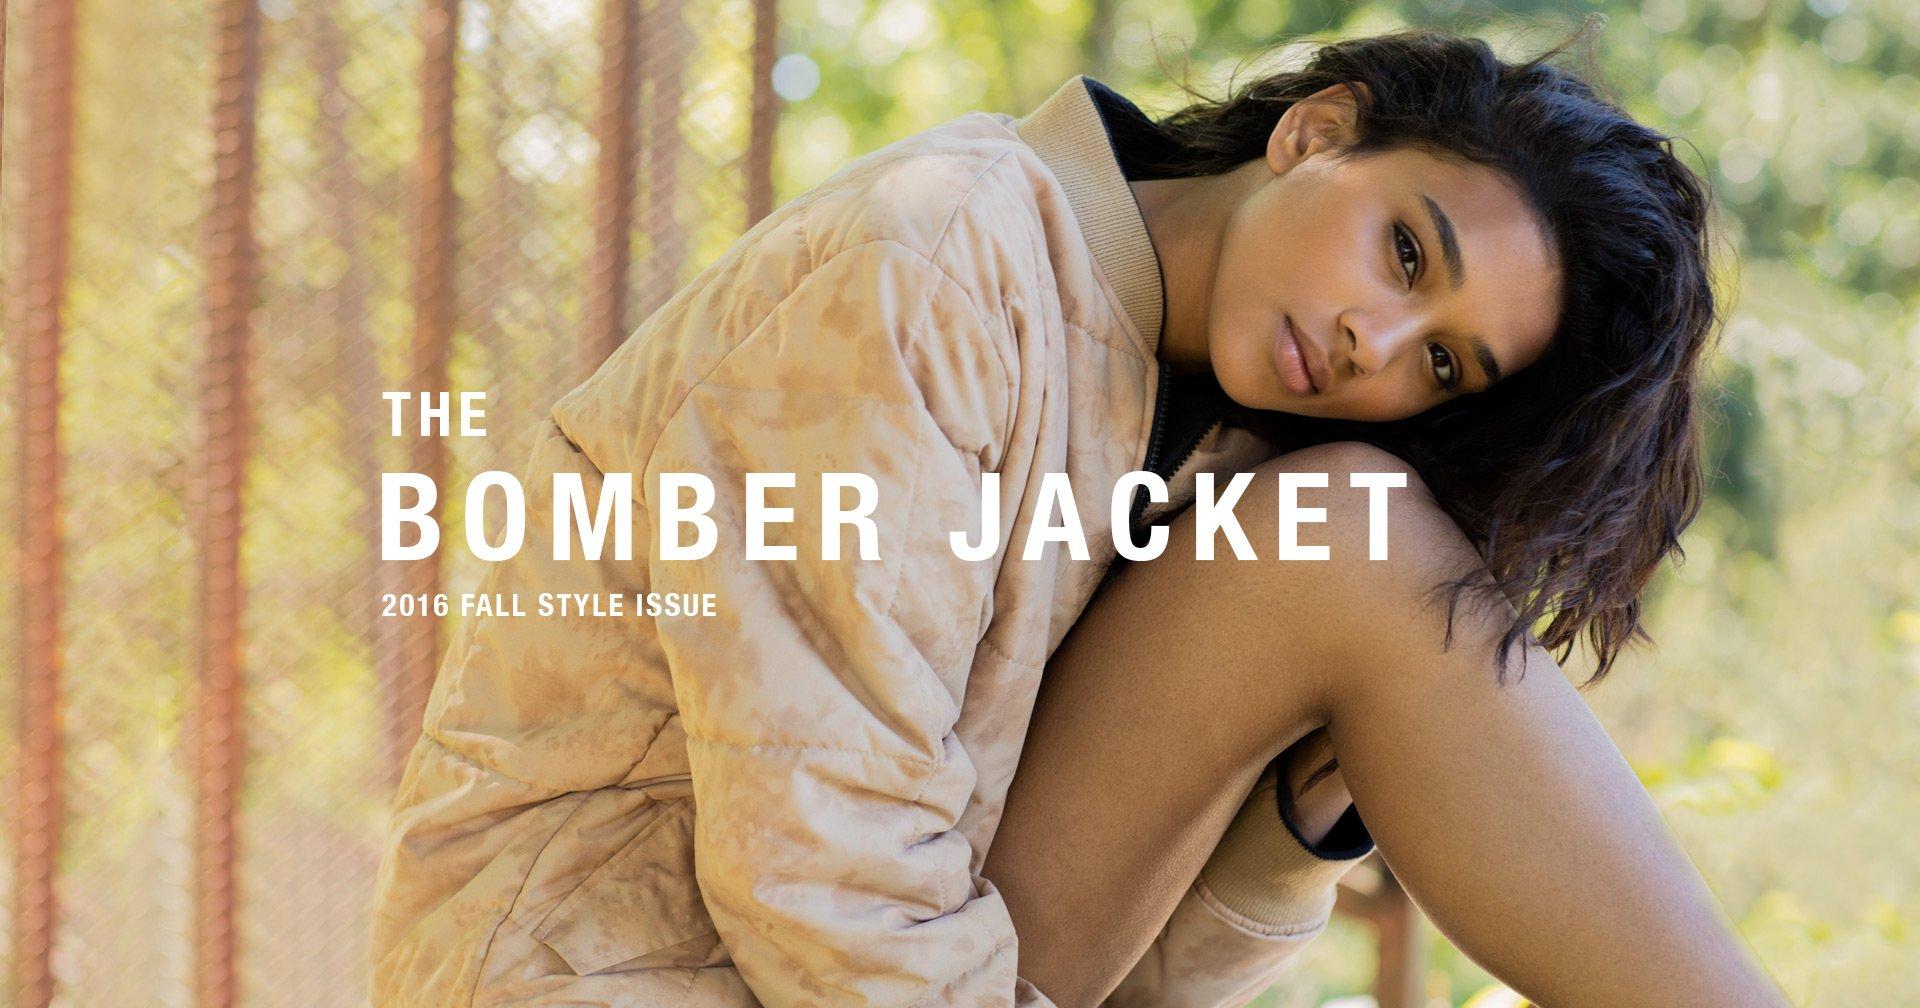 The Bomber Jacket